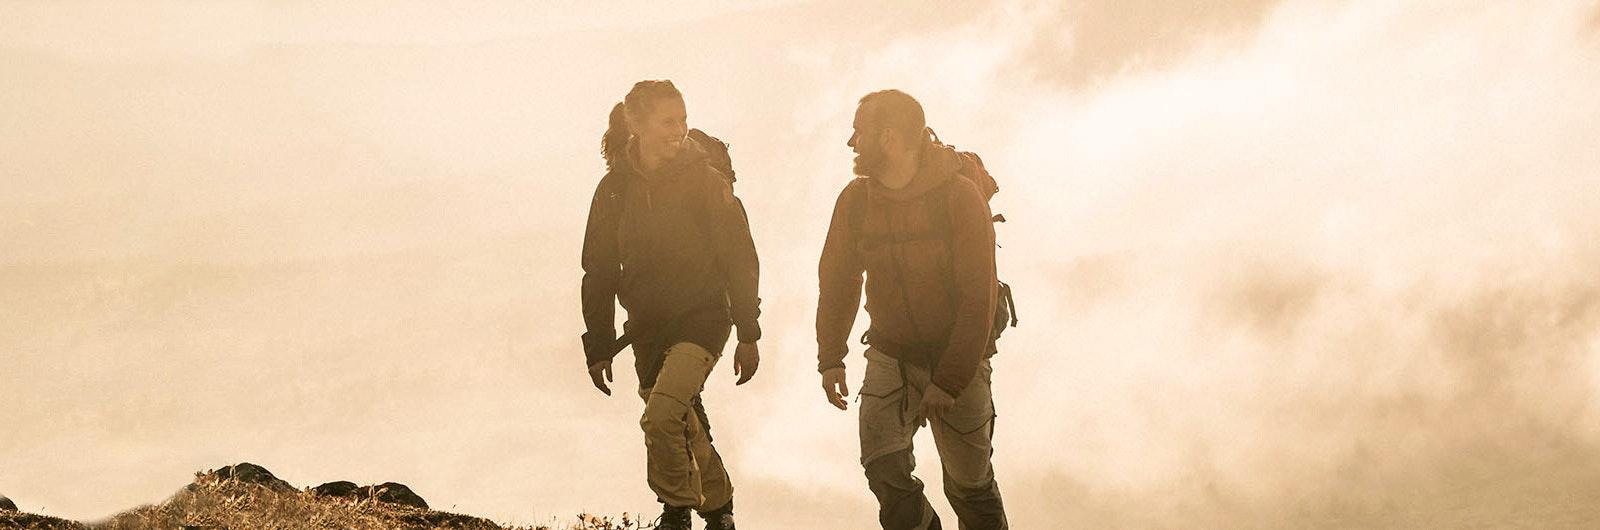 Två fjällvandrare i dimmigt motljus